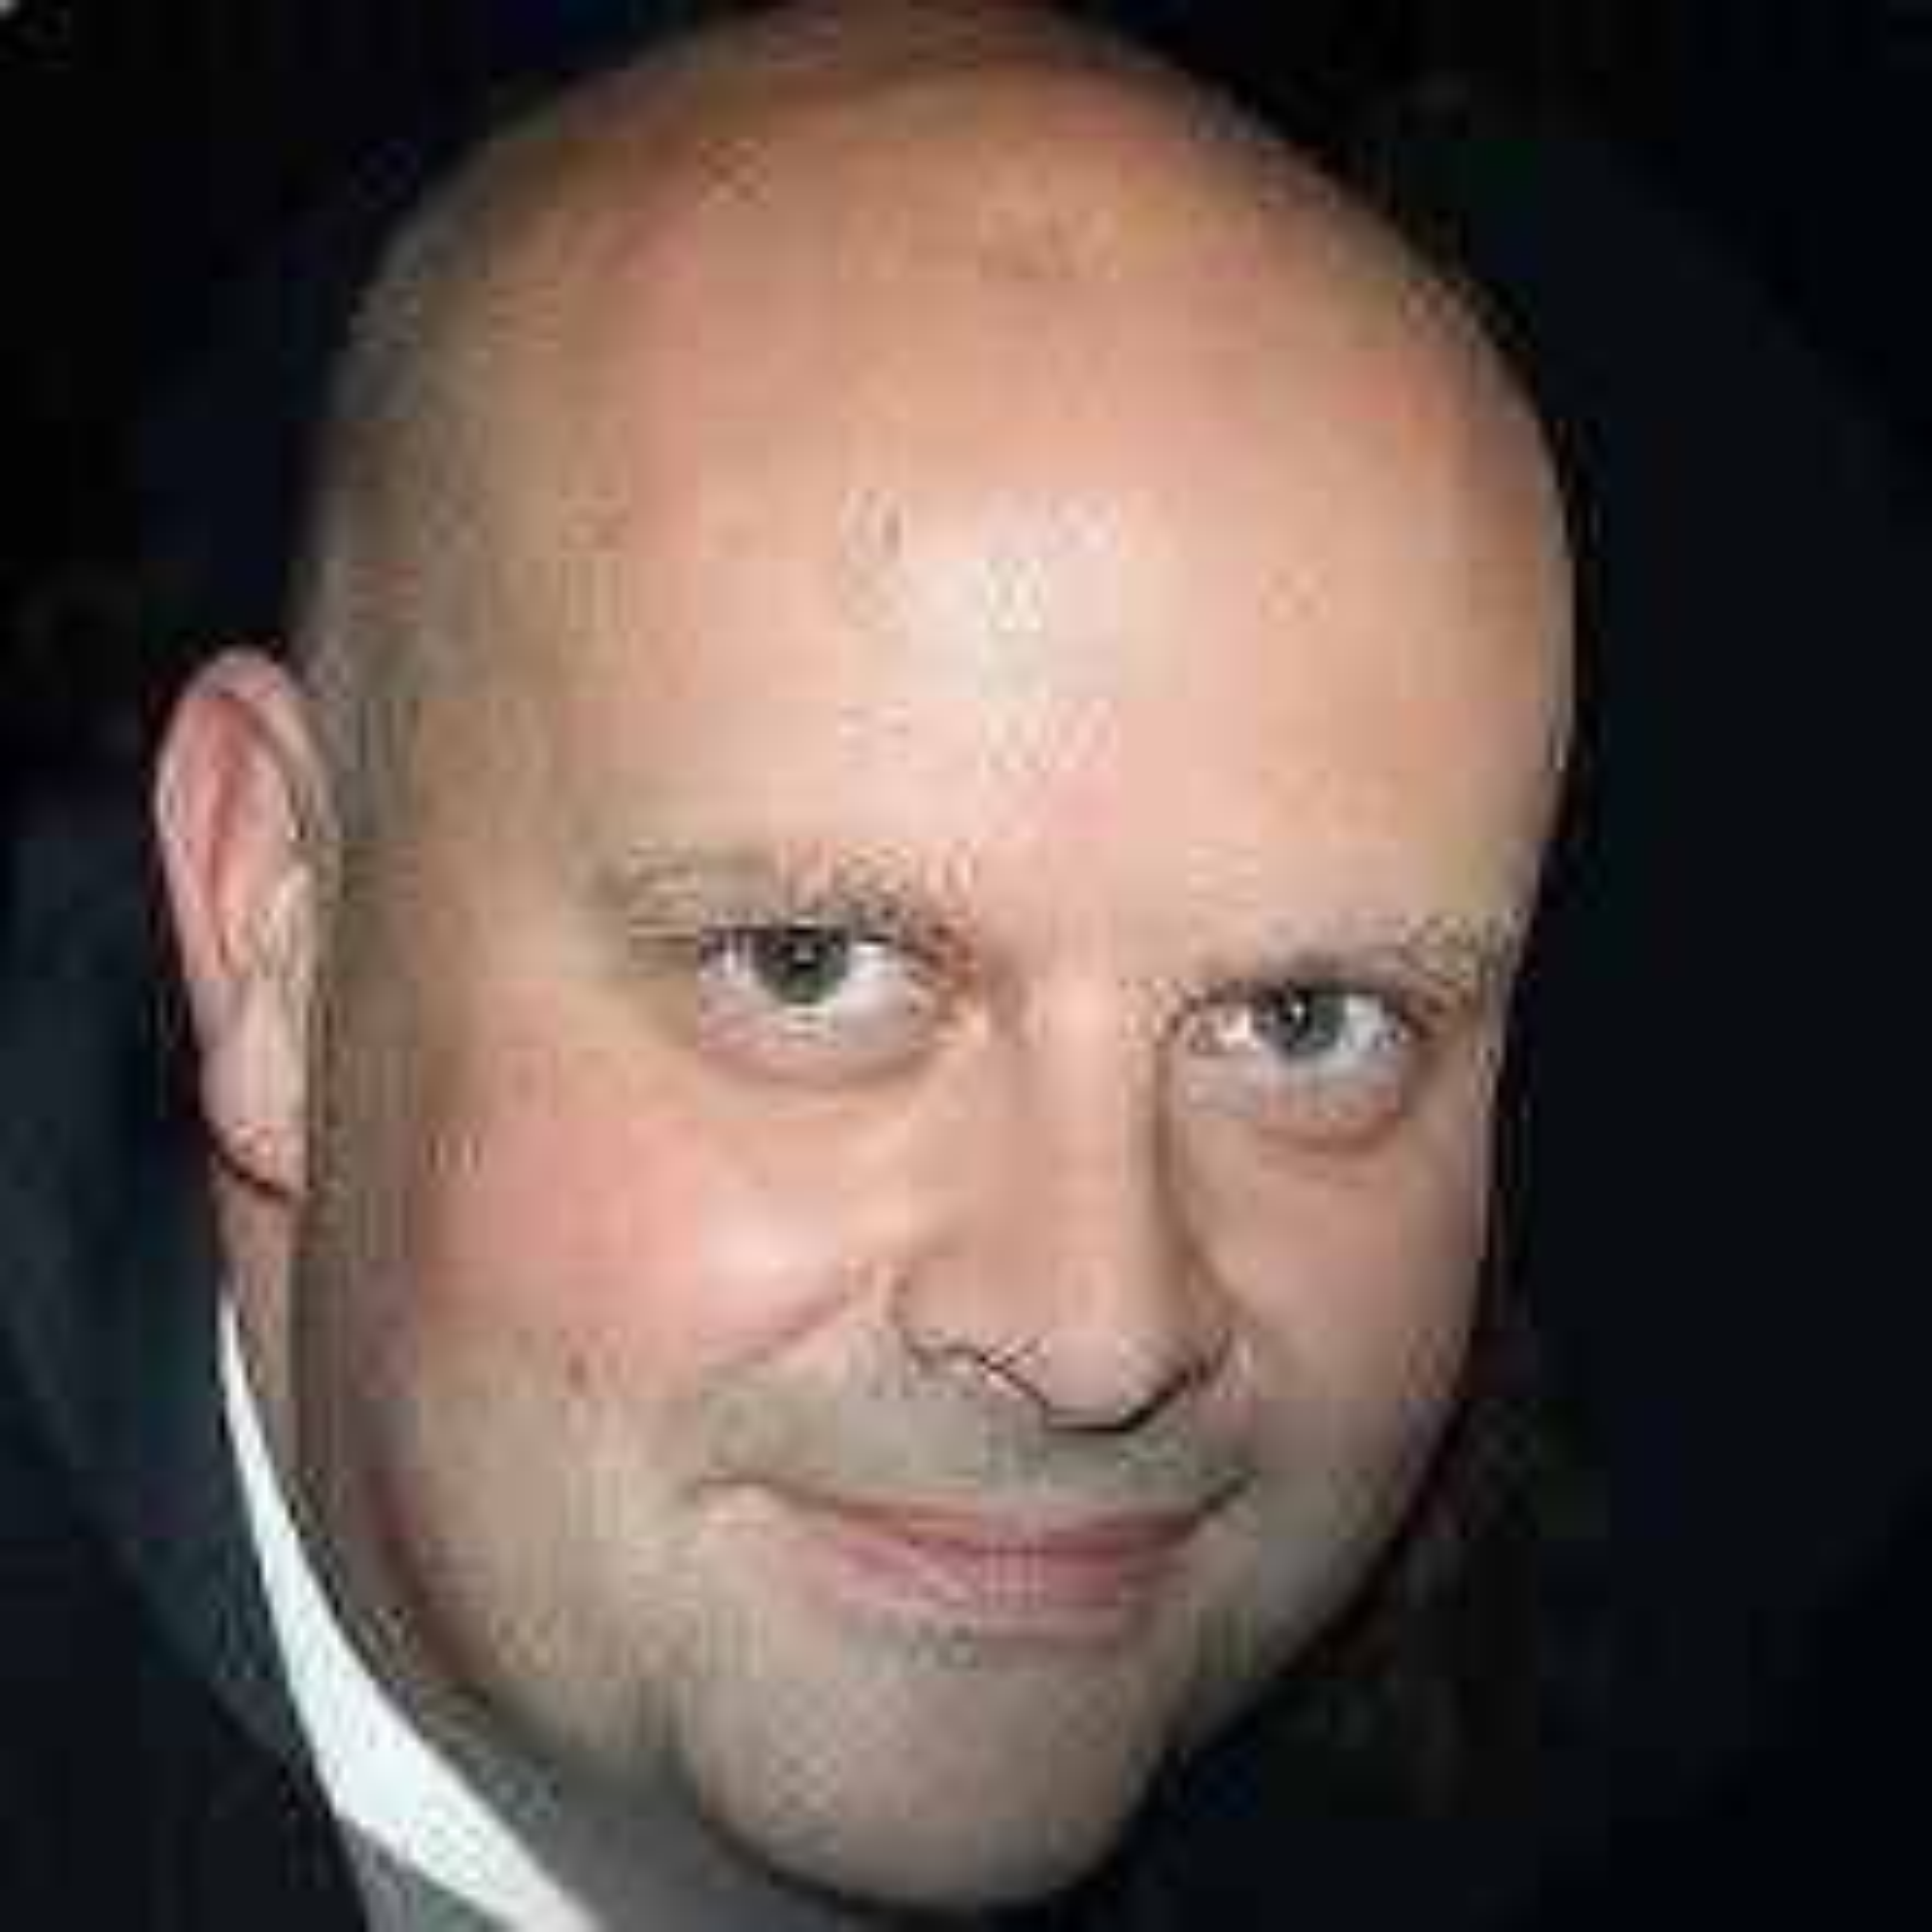 Mr Jason Hayhurst